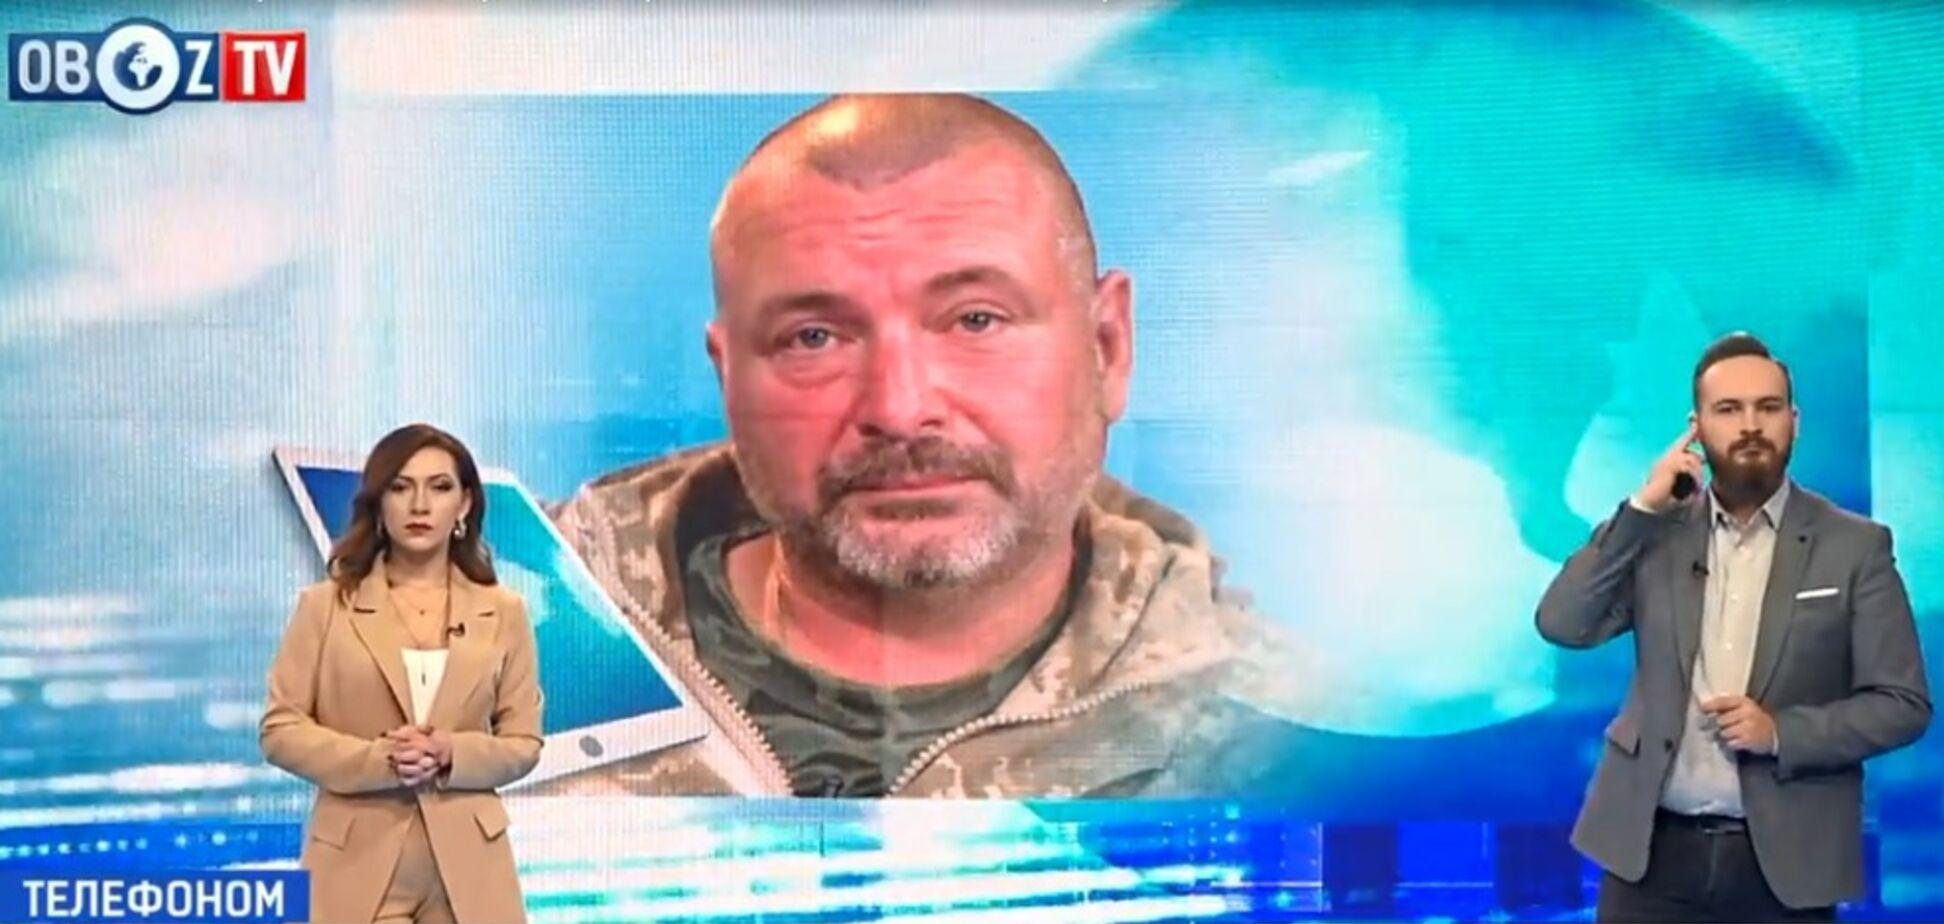 Сивохо розлютив ветерана АТО: 'войовнича меншість' влаштувала флешмоб